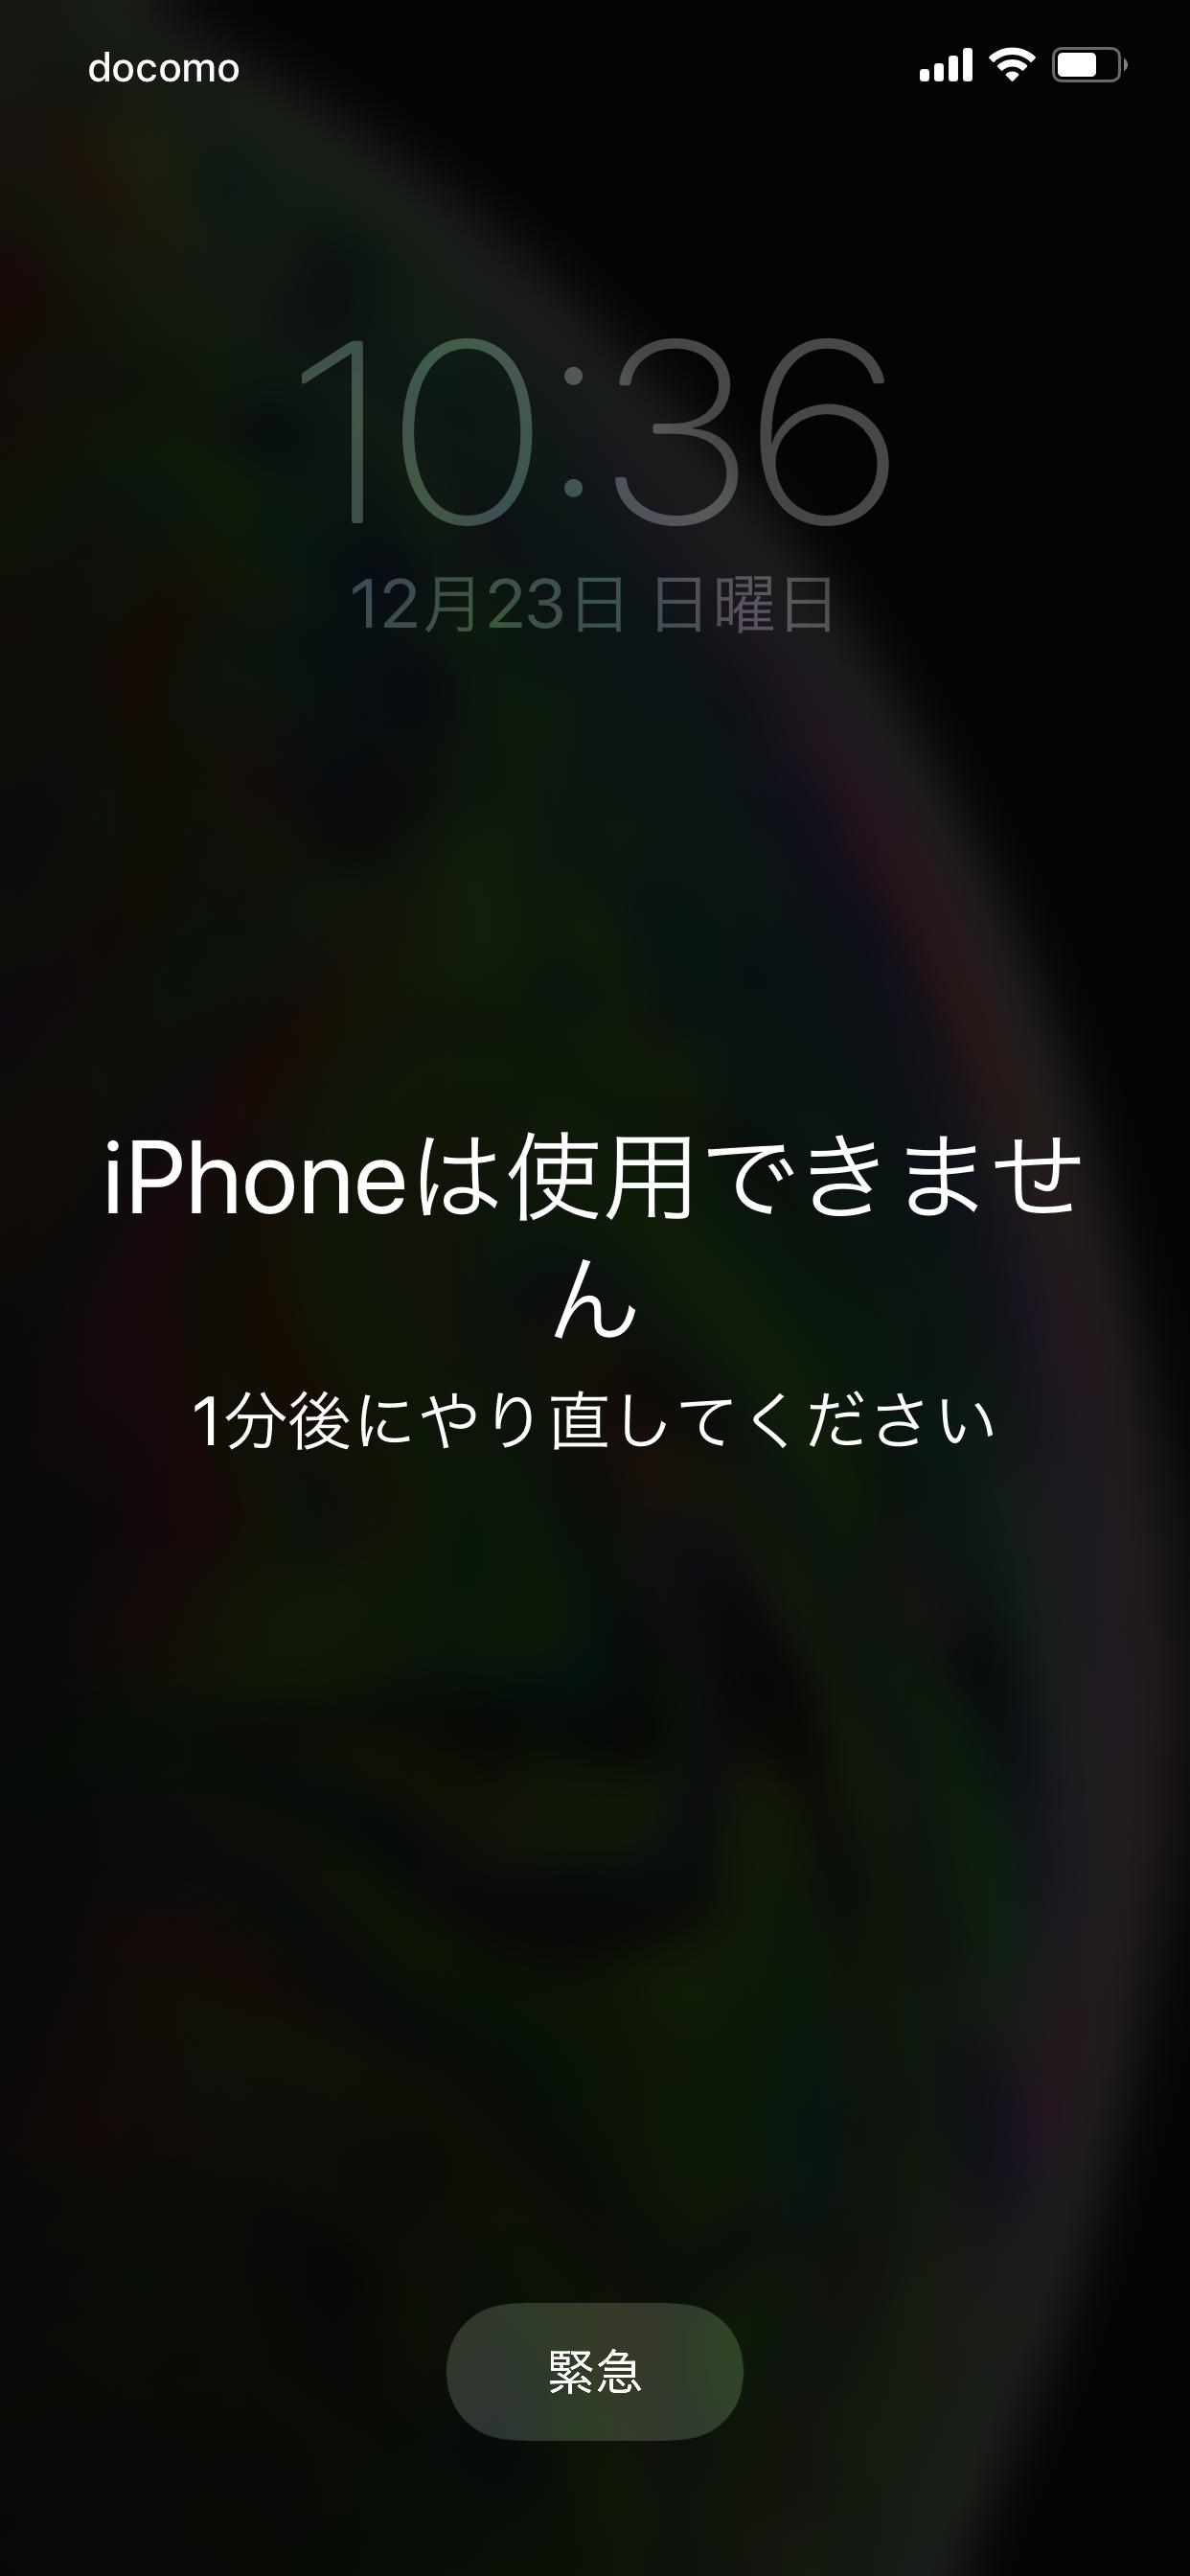 iPhoneロックアウト